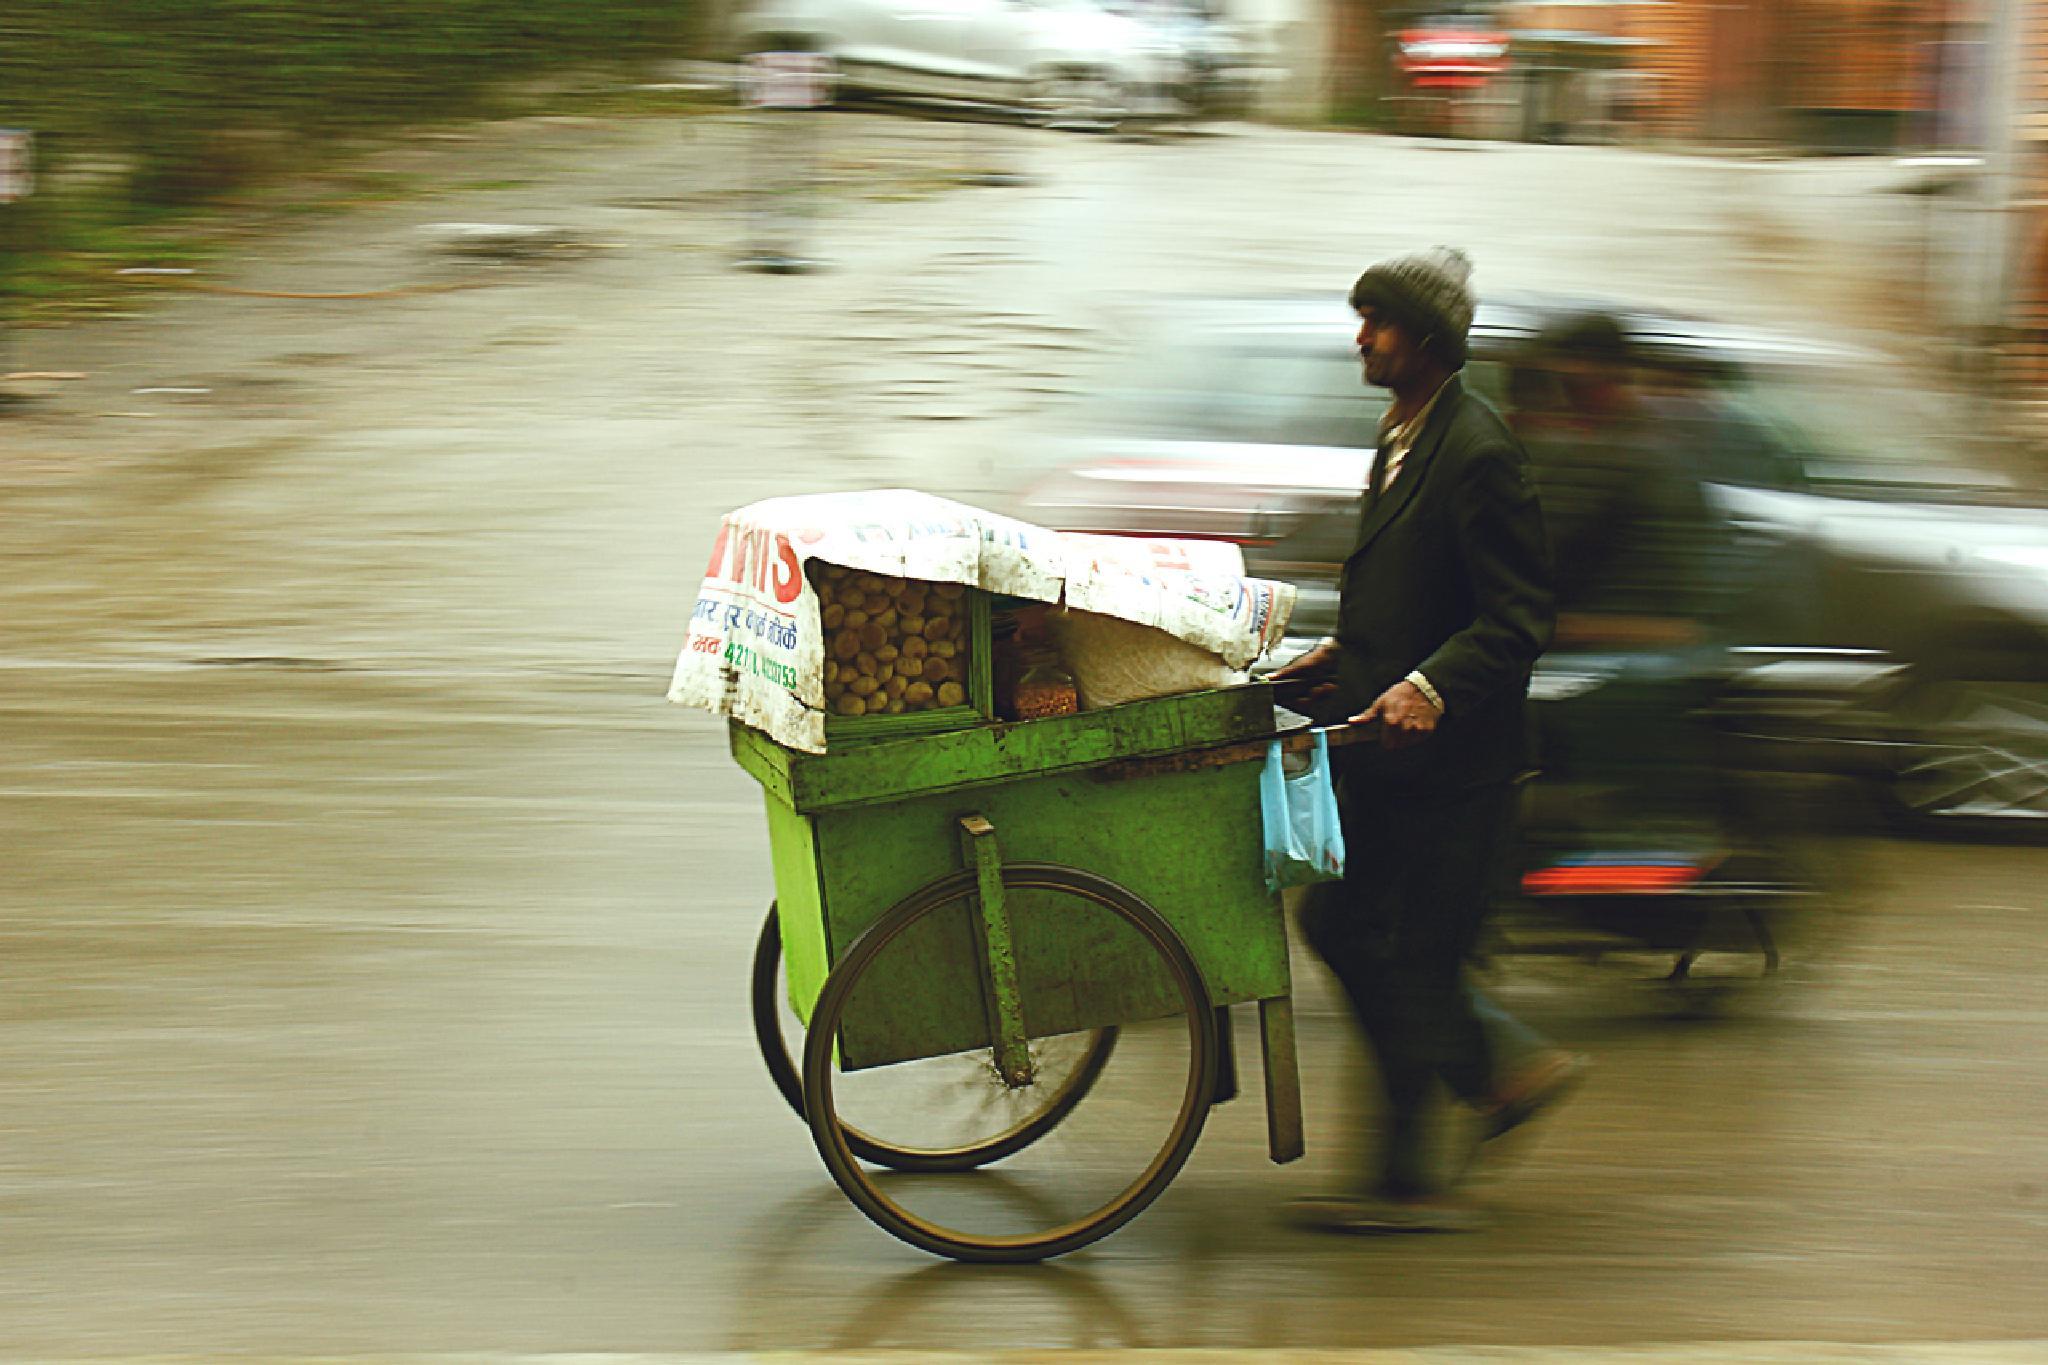 Street vendor by arjav.shrestha